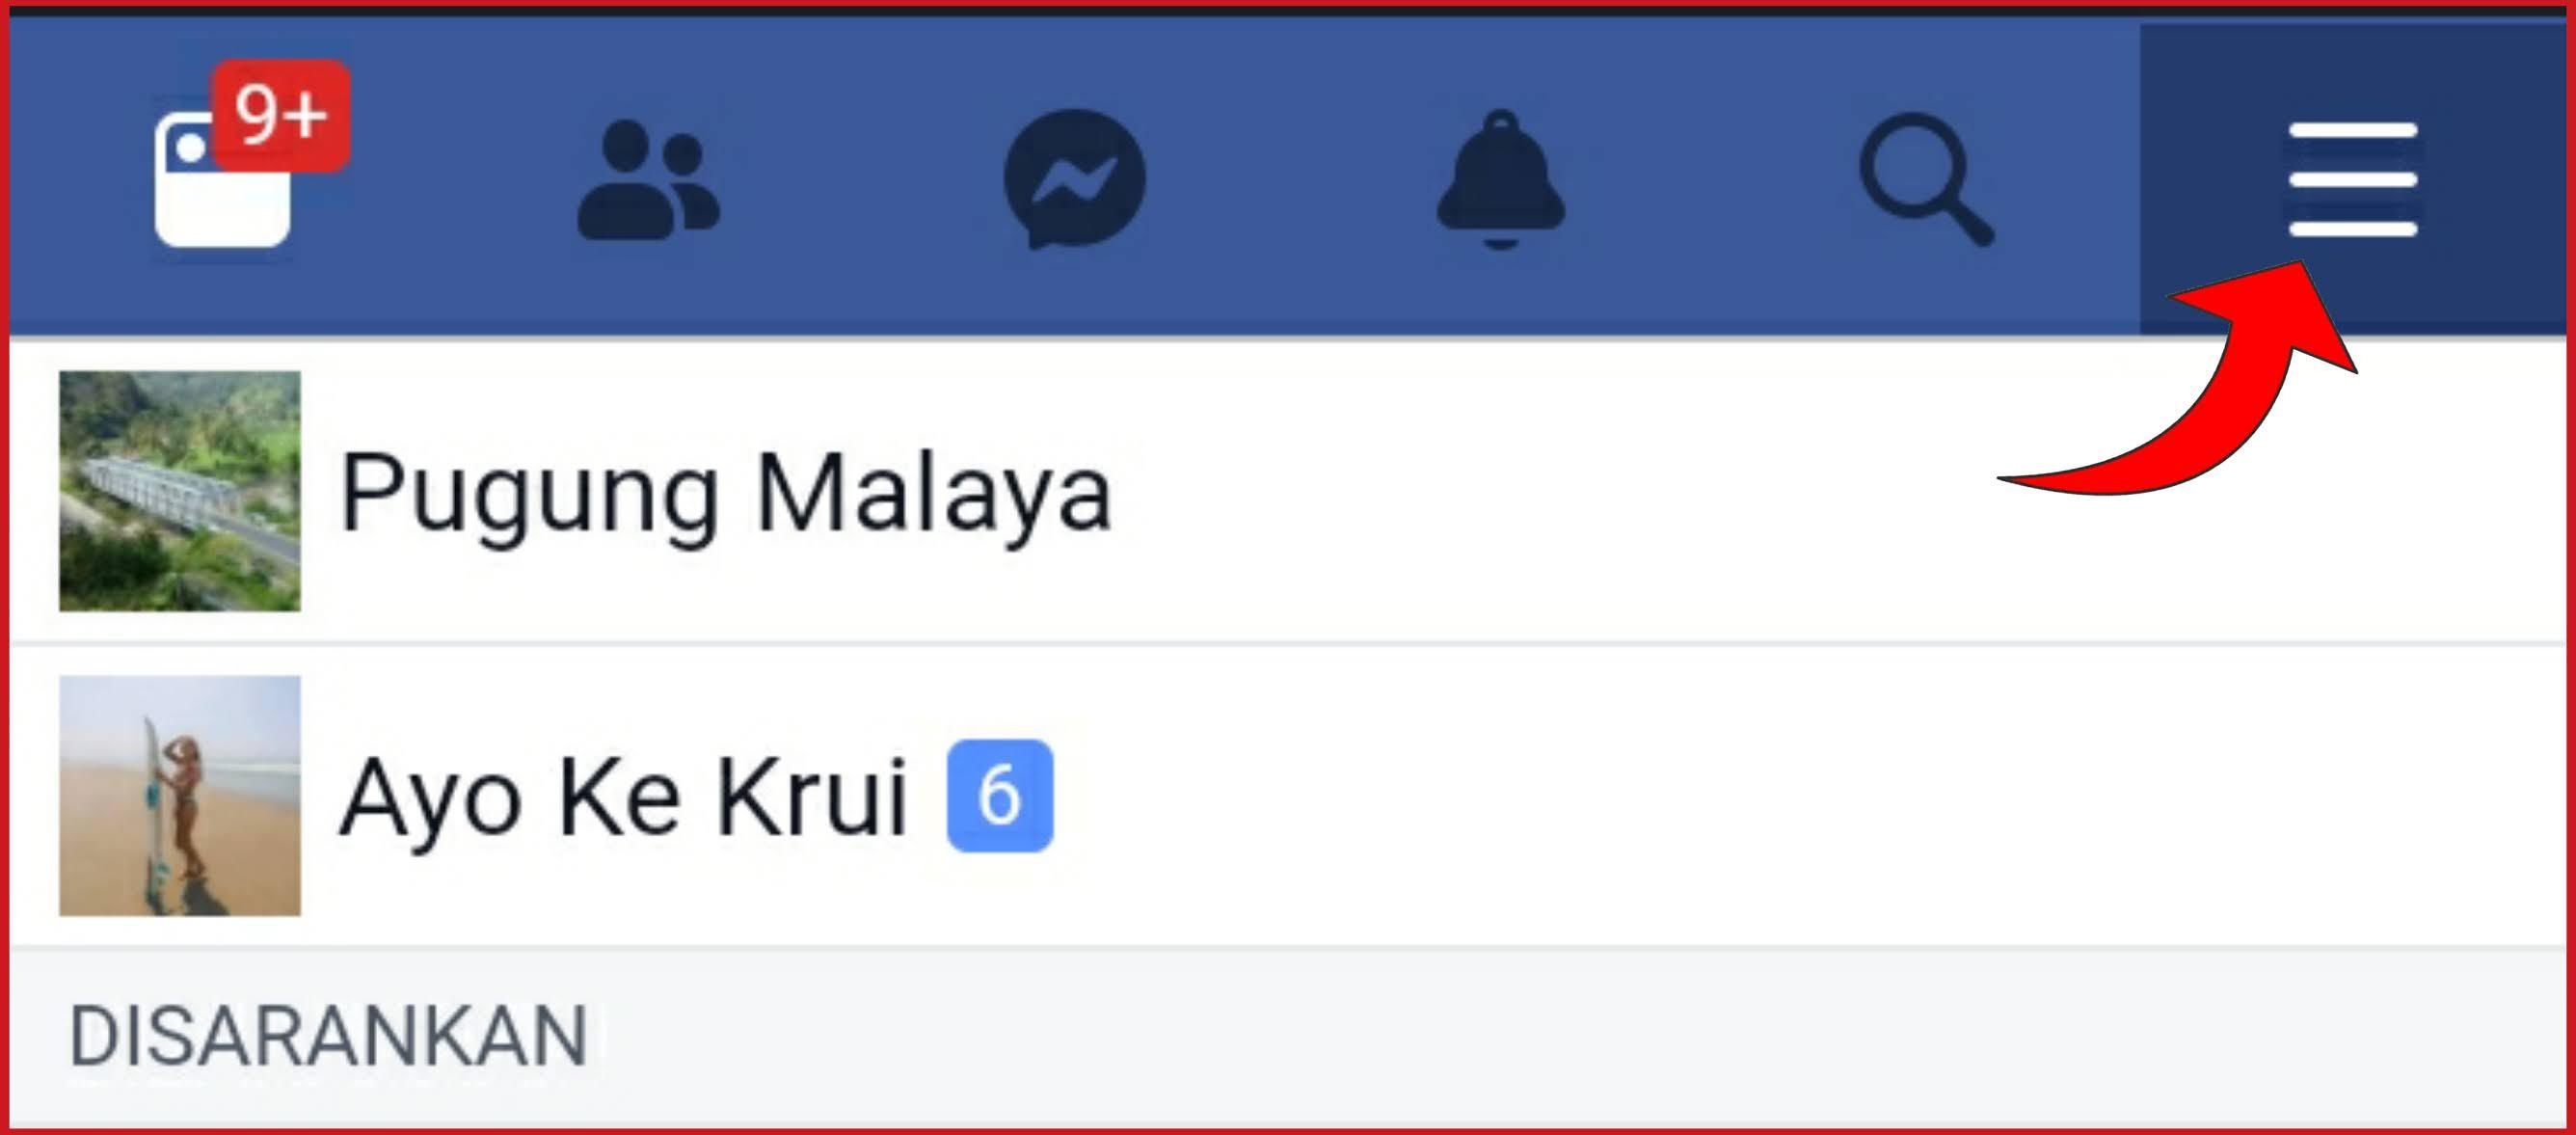 Cara nonaktifkan fitur menandai pada akun facebook